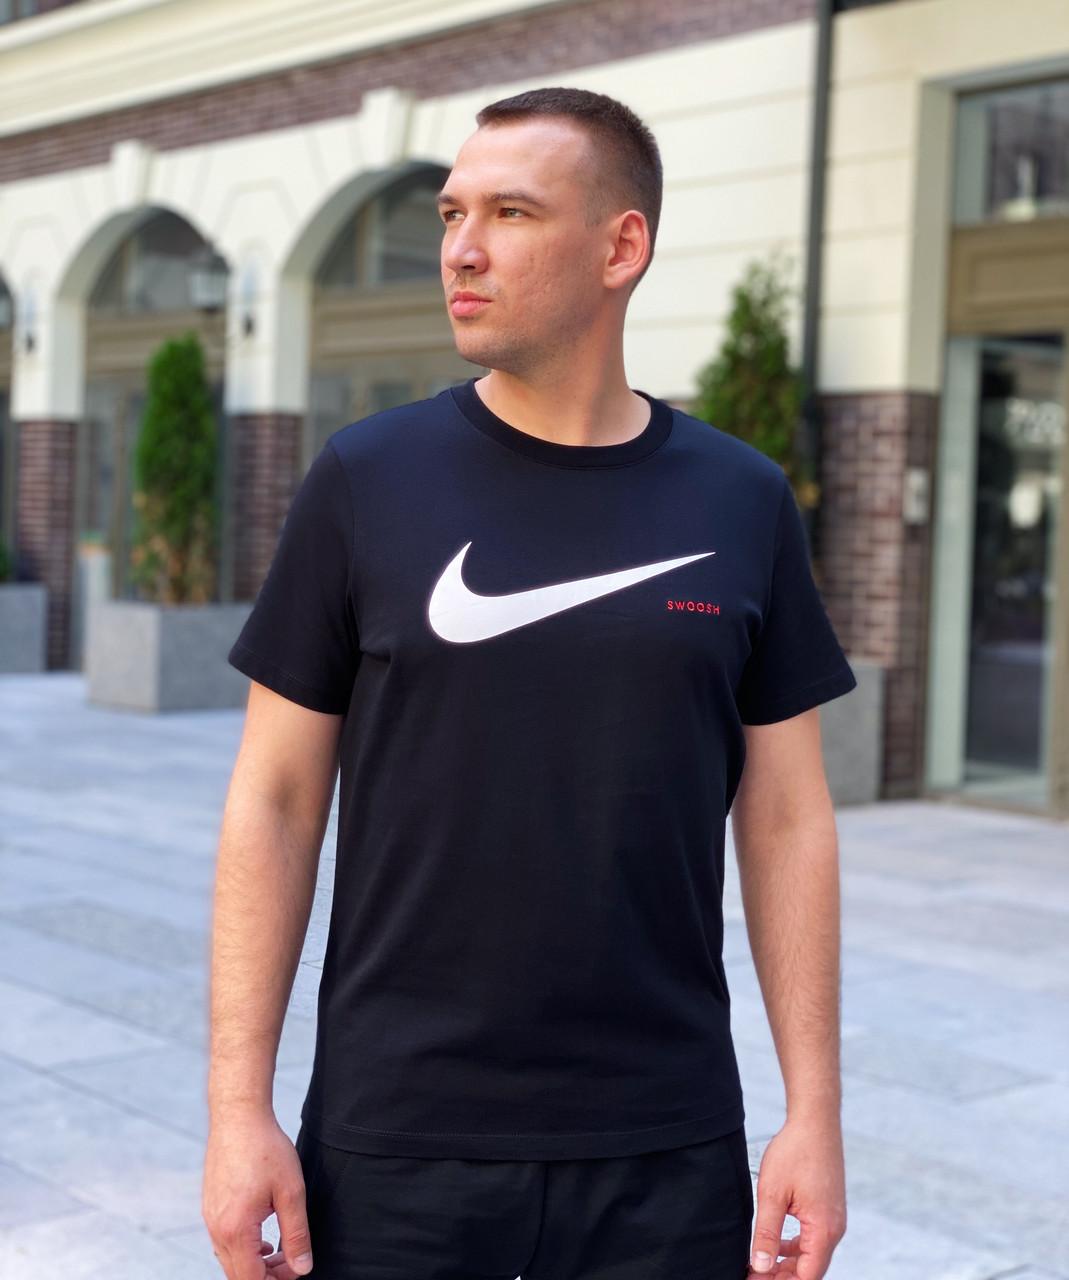 Футболка мужская Nike Swoosh / CLO-143 (Размеры:XL)